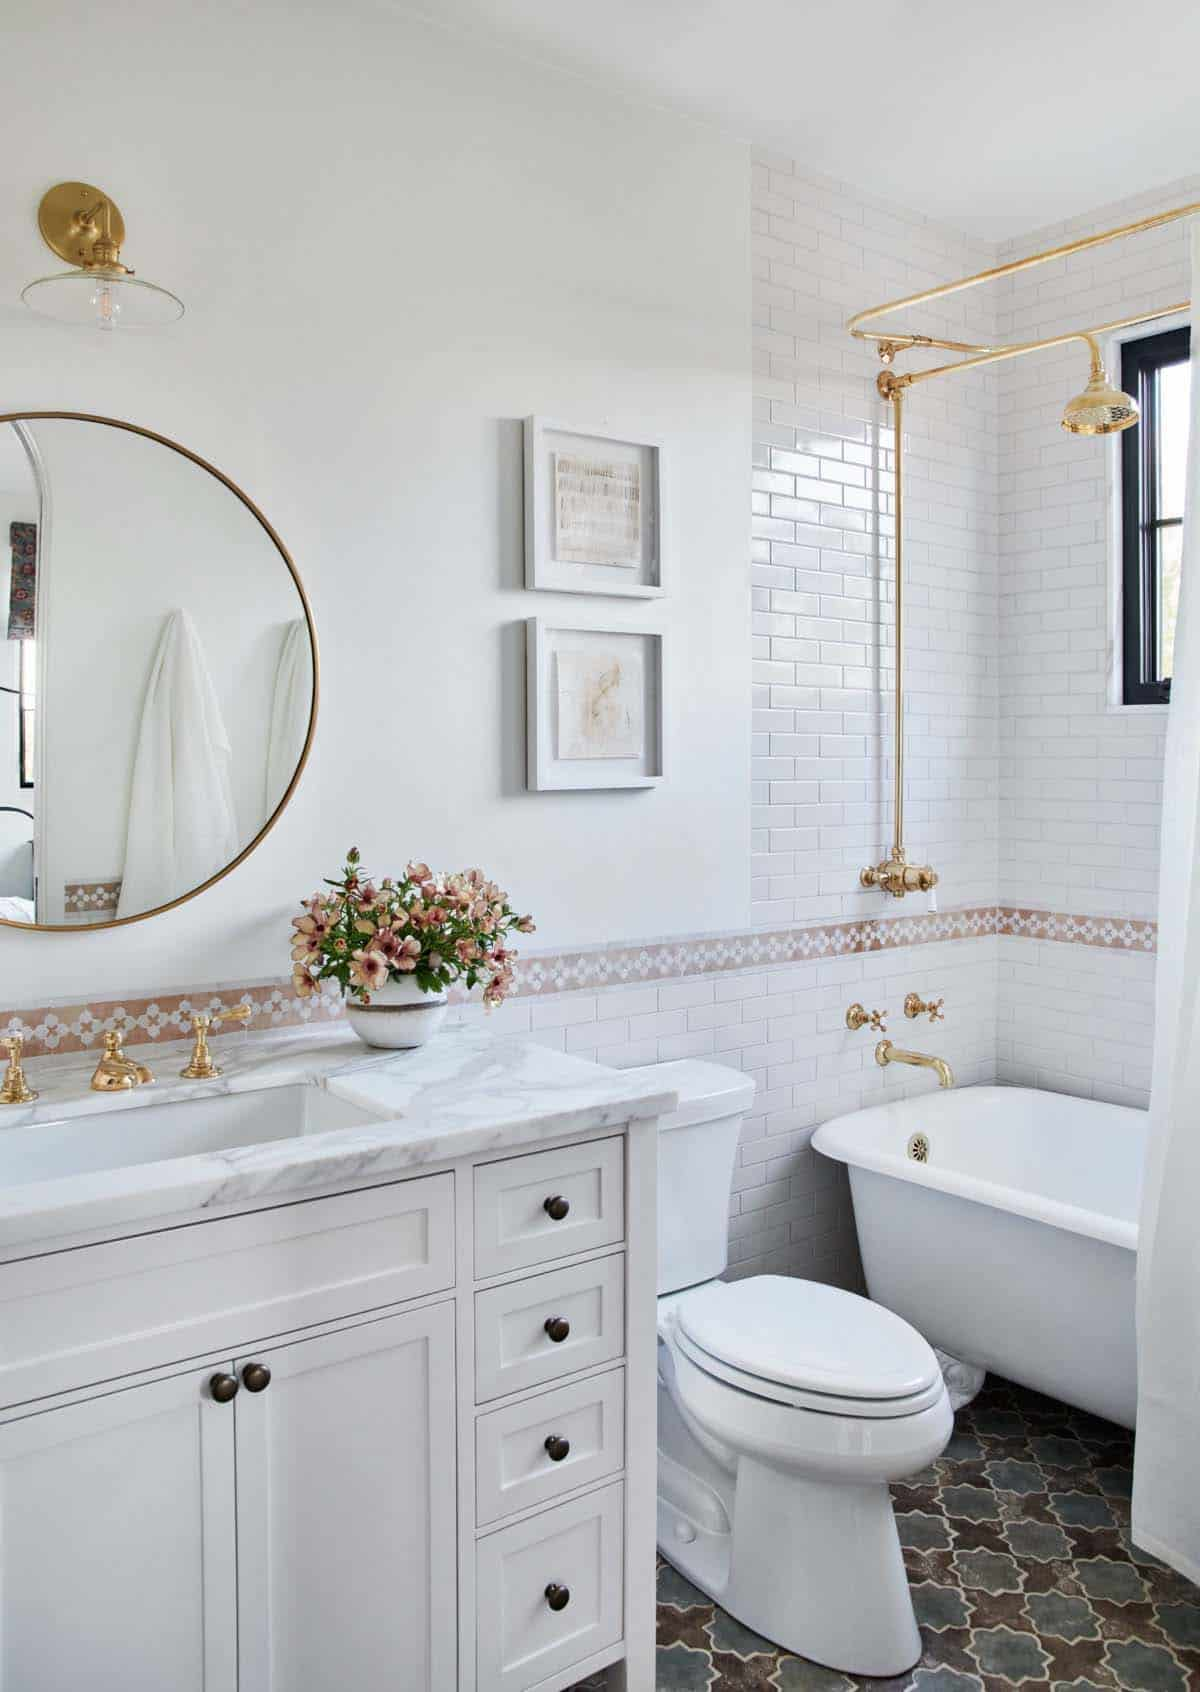 🛀 These Stunning Spanish Bathroom Décor Ideas Are Our Dream Relax Spot!  spanish bathroom décor ideas 🛀 These Stunning Spanish Bathroom Décor Ideas Are Our Dream Relax Spot! 19